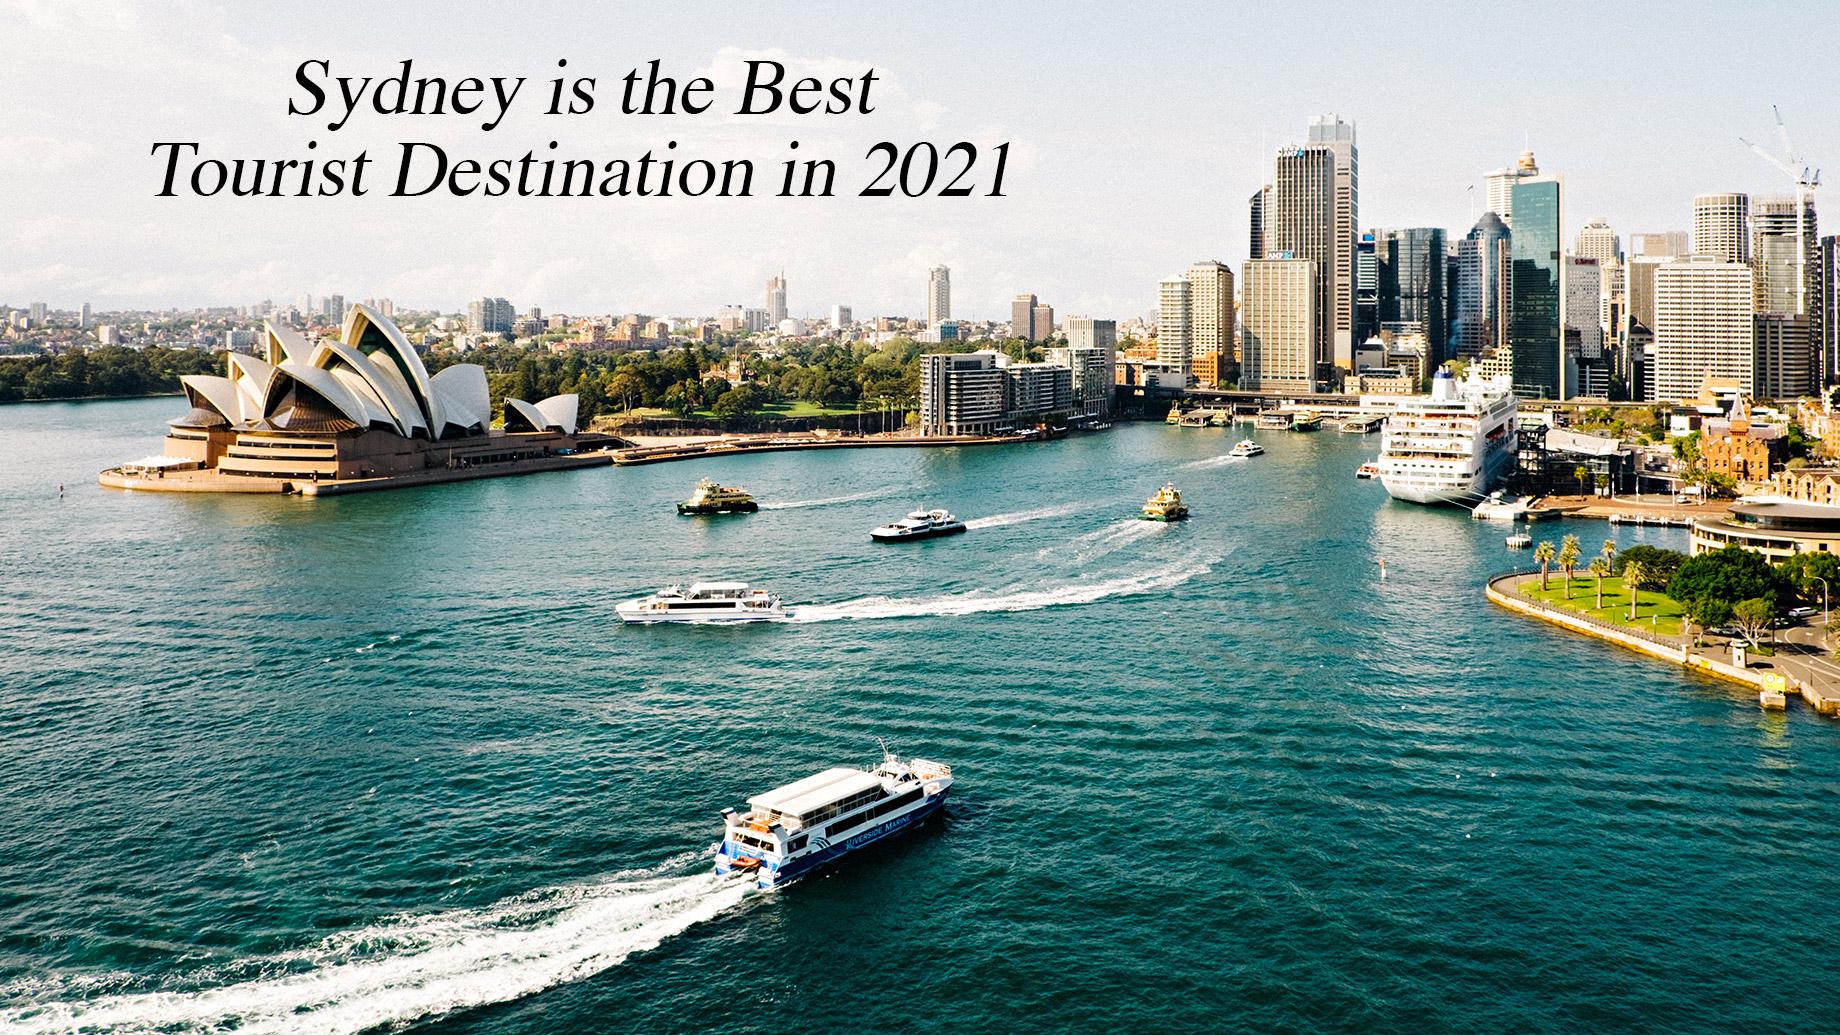 Sydney is the Best Tourist Destination in 2021